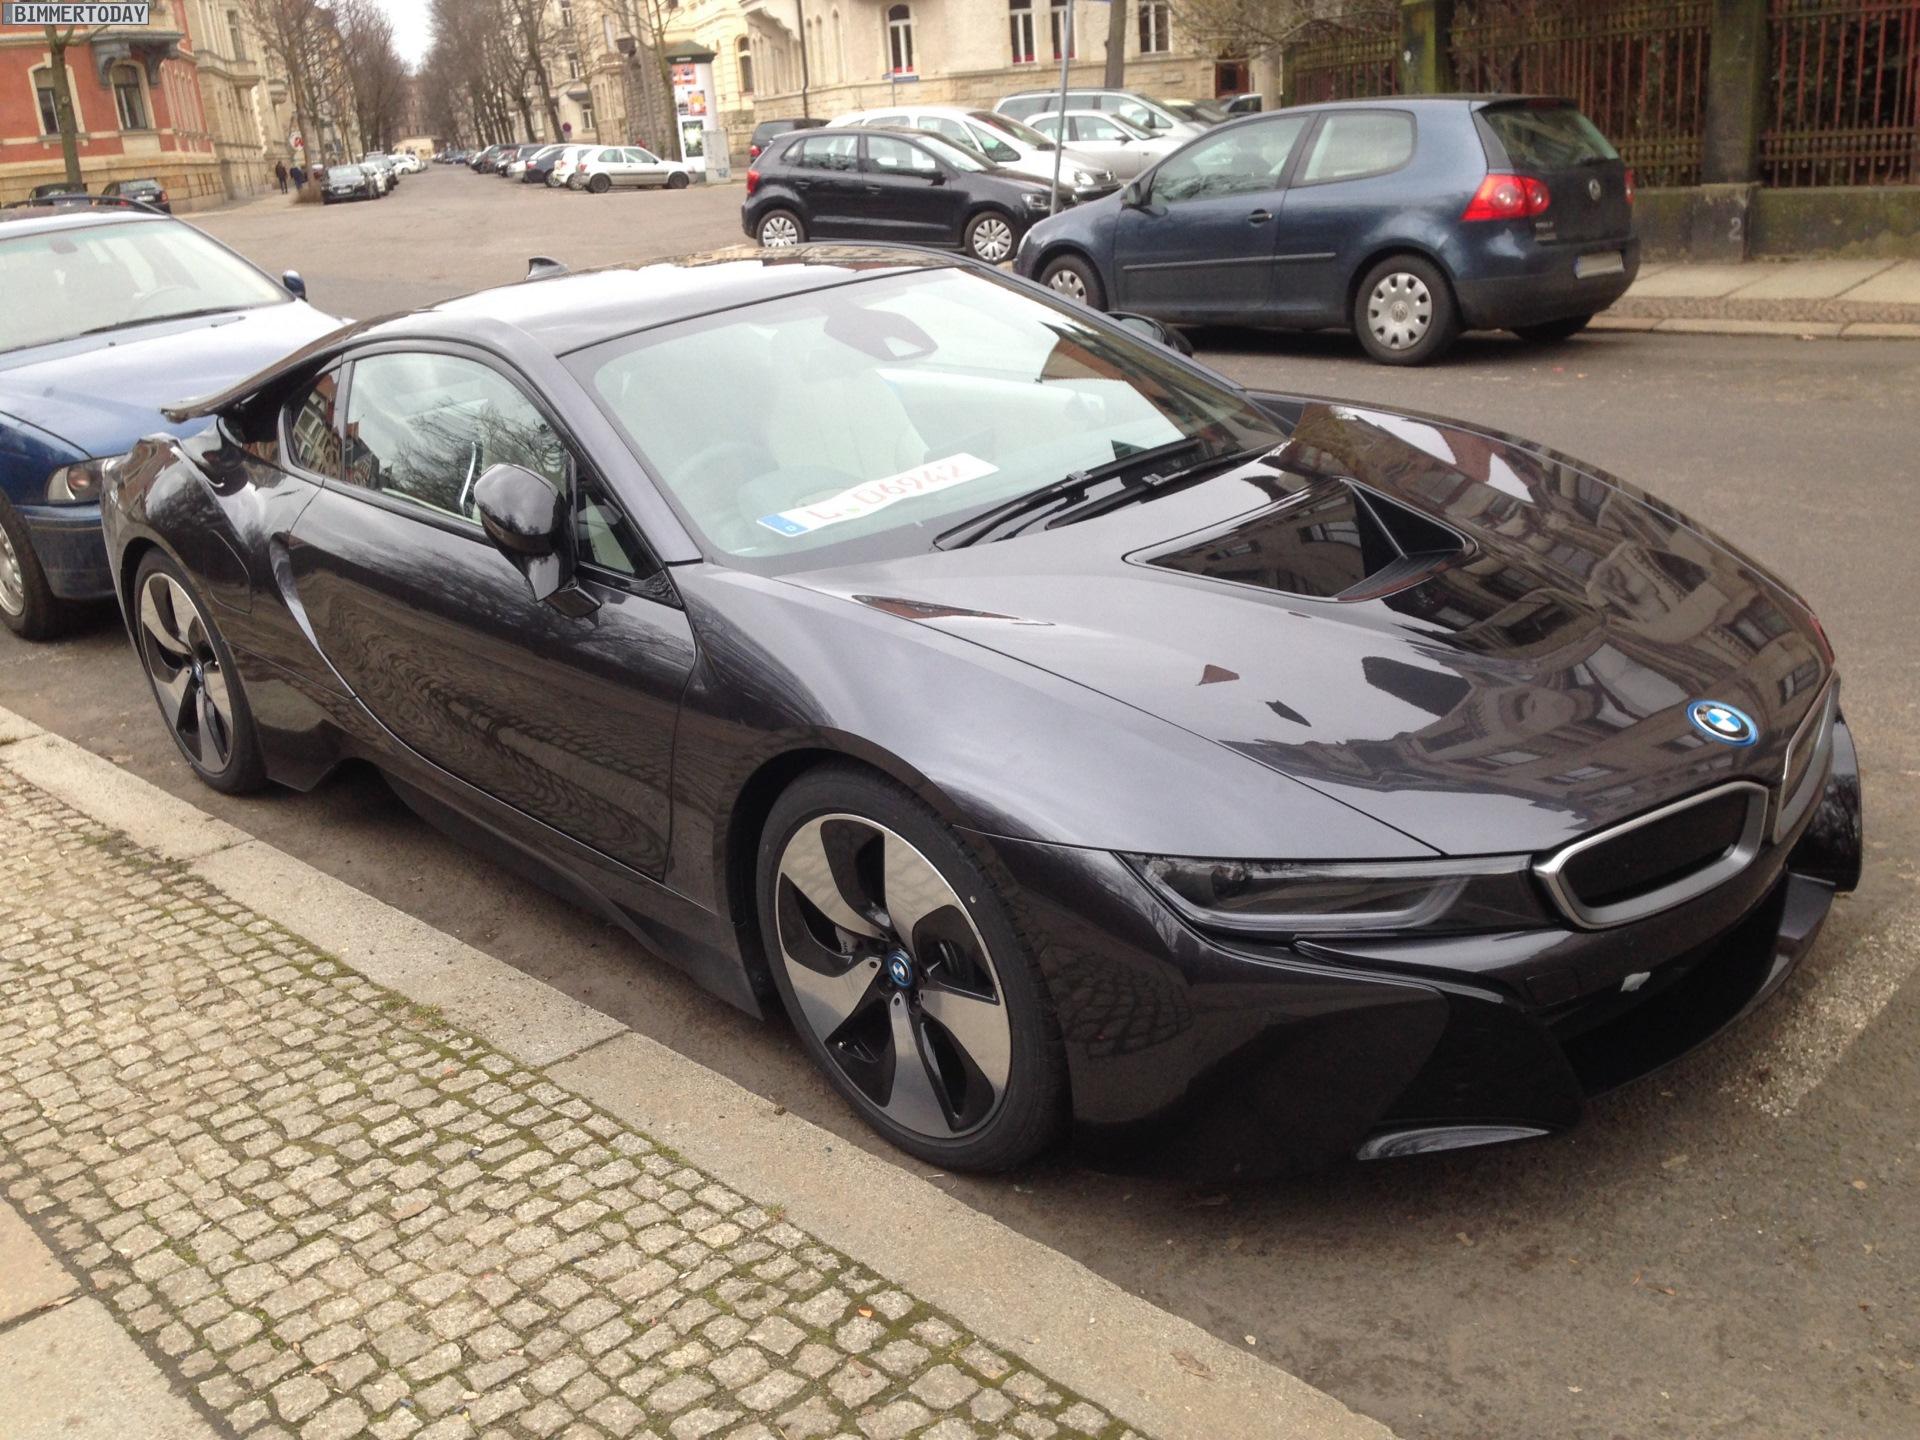 BMW-i8-Sophistograu-Sophisto-Grey-Frozen-ungetarnt-Leipzig-01